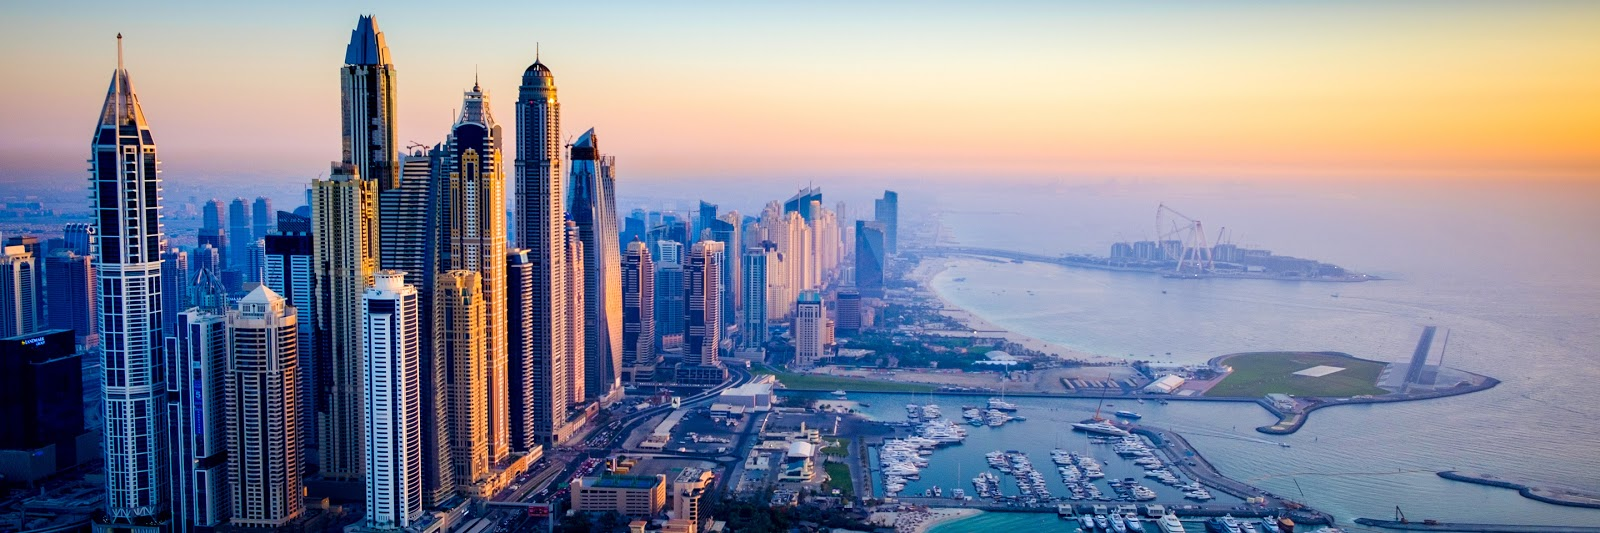 دبي,سياحة,السياحة في دبي,الامارات,سفر,دبي مول,رحلة دبي,السياحة في دبي 2018,السياحة,السياحة في دبي ٢٠١٨,الإمارات,اماكن السياحة في دبي,سوار_شعيب,لامير دبي,رحلة,فنادق دبي,السياحة في دبي للشباب,السياحة في دبي في الصيف,السياحة في دبي للعوائل,تحدي,إسوارة